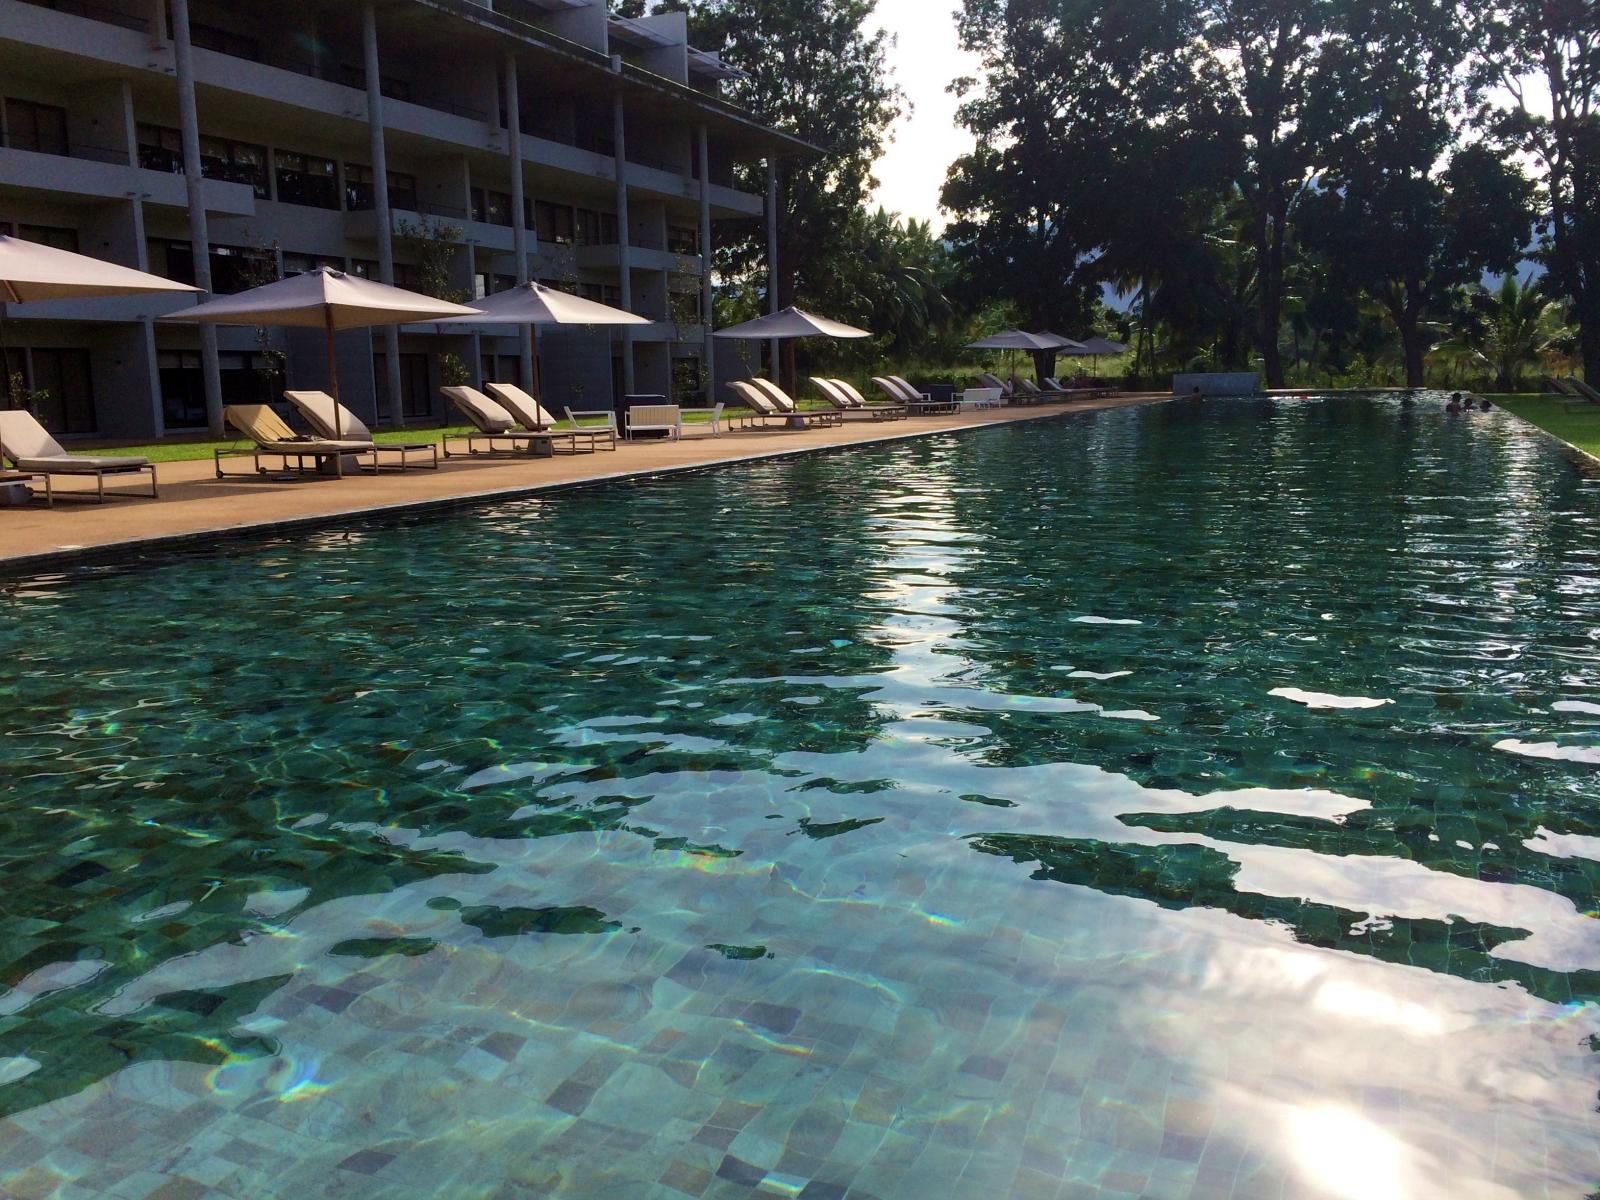 Jetwing Lake Swimming Pool